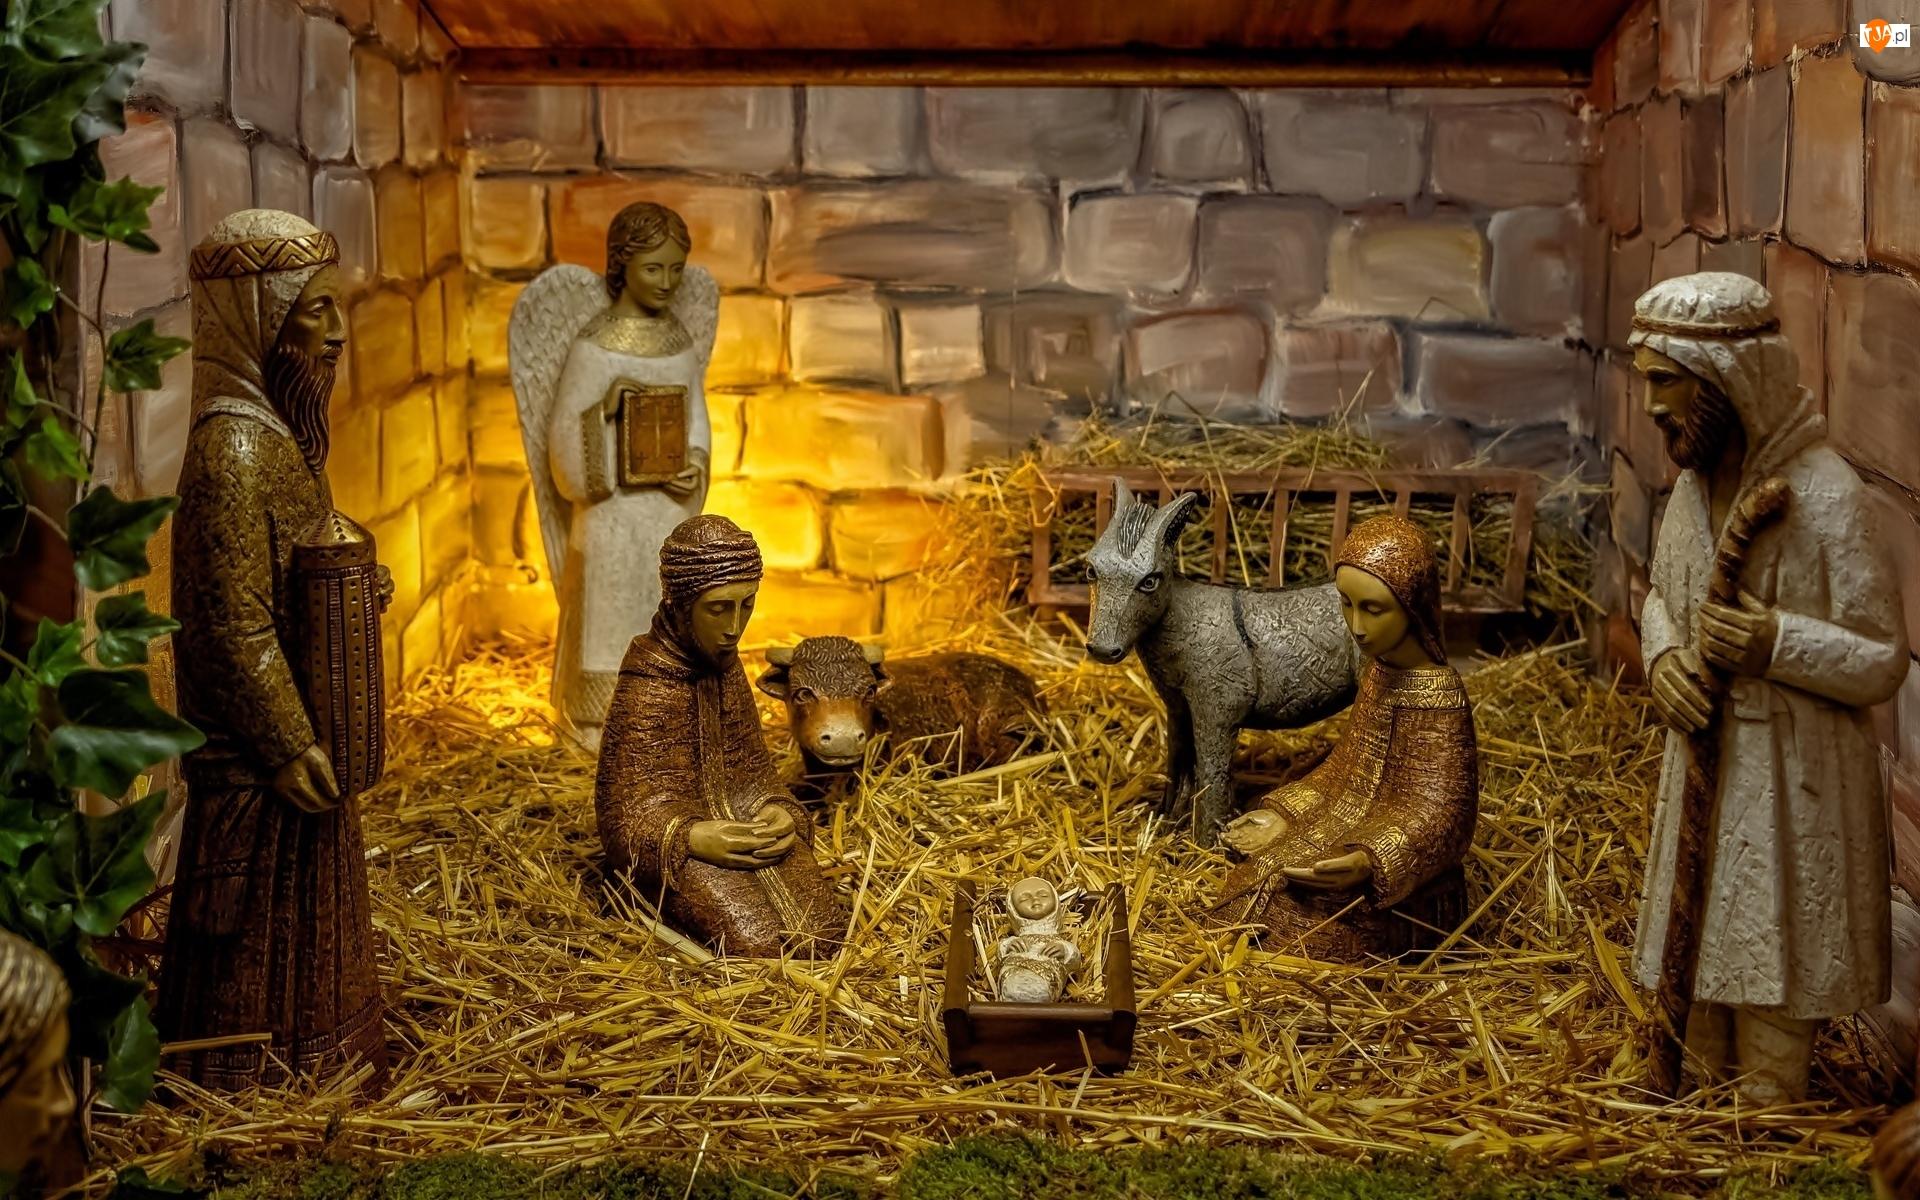 Sianko, Boże Narodzenie, Jezus, Żłóbek, Szopka